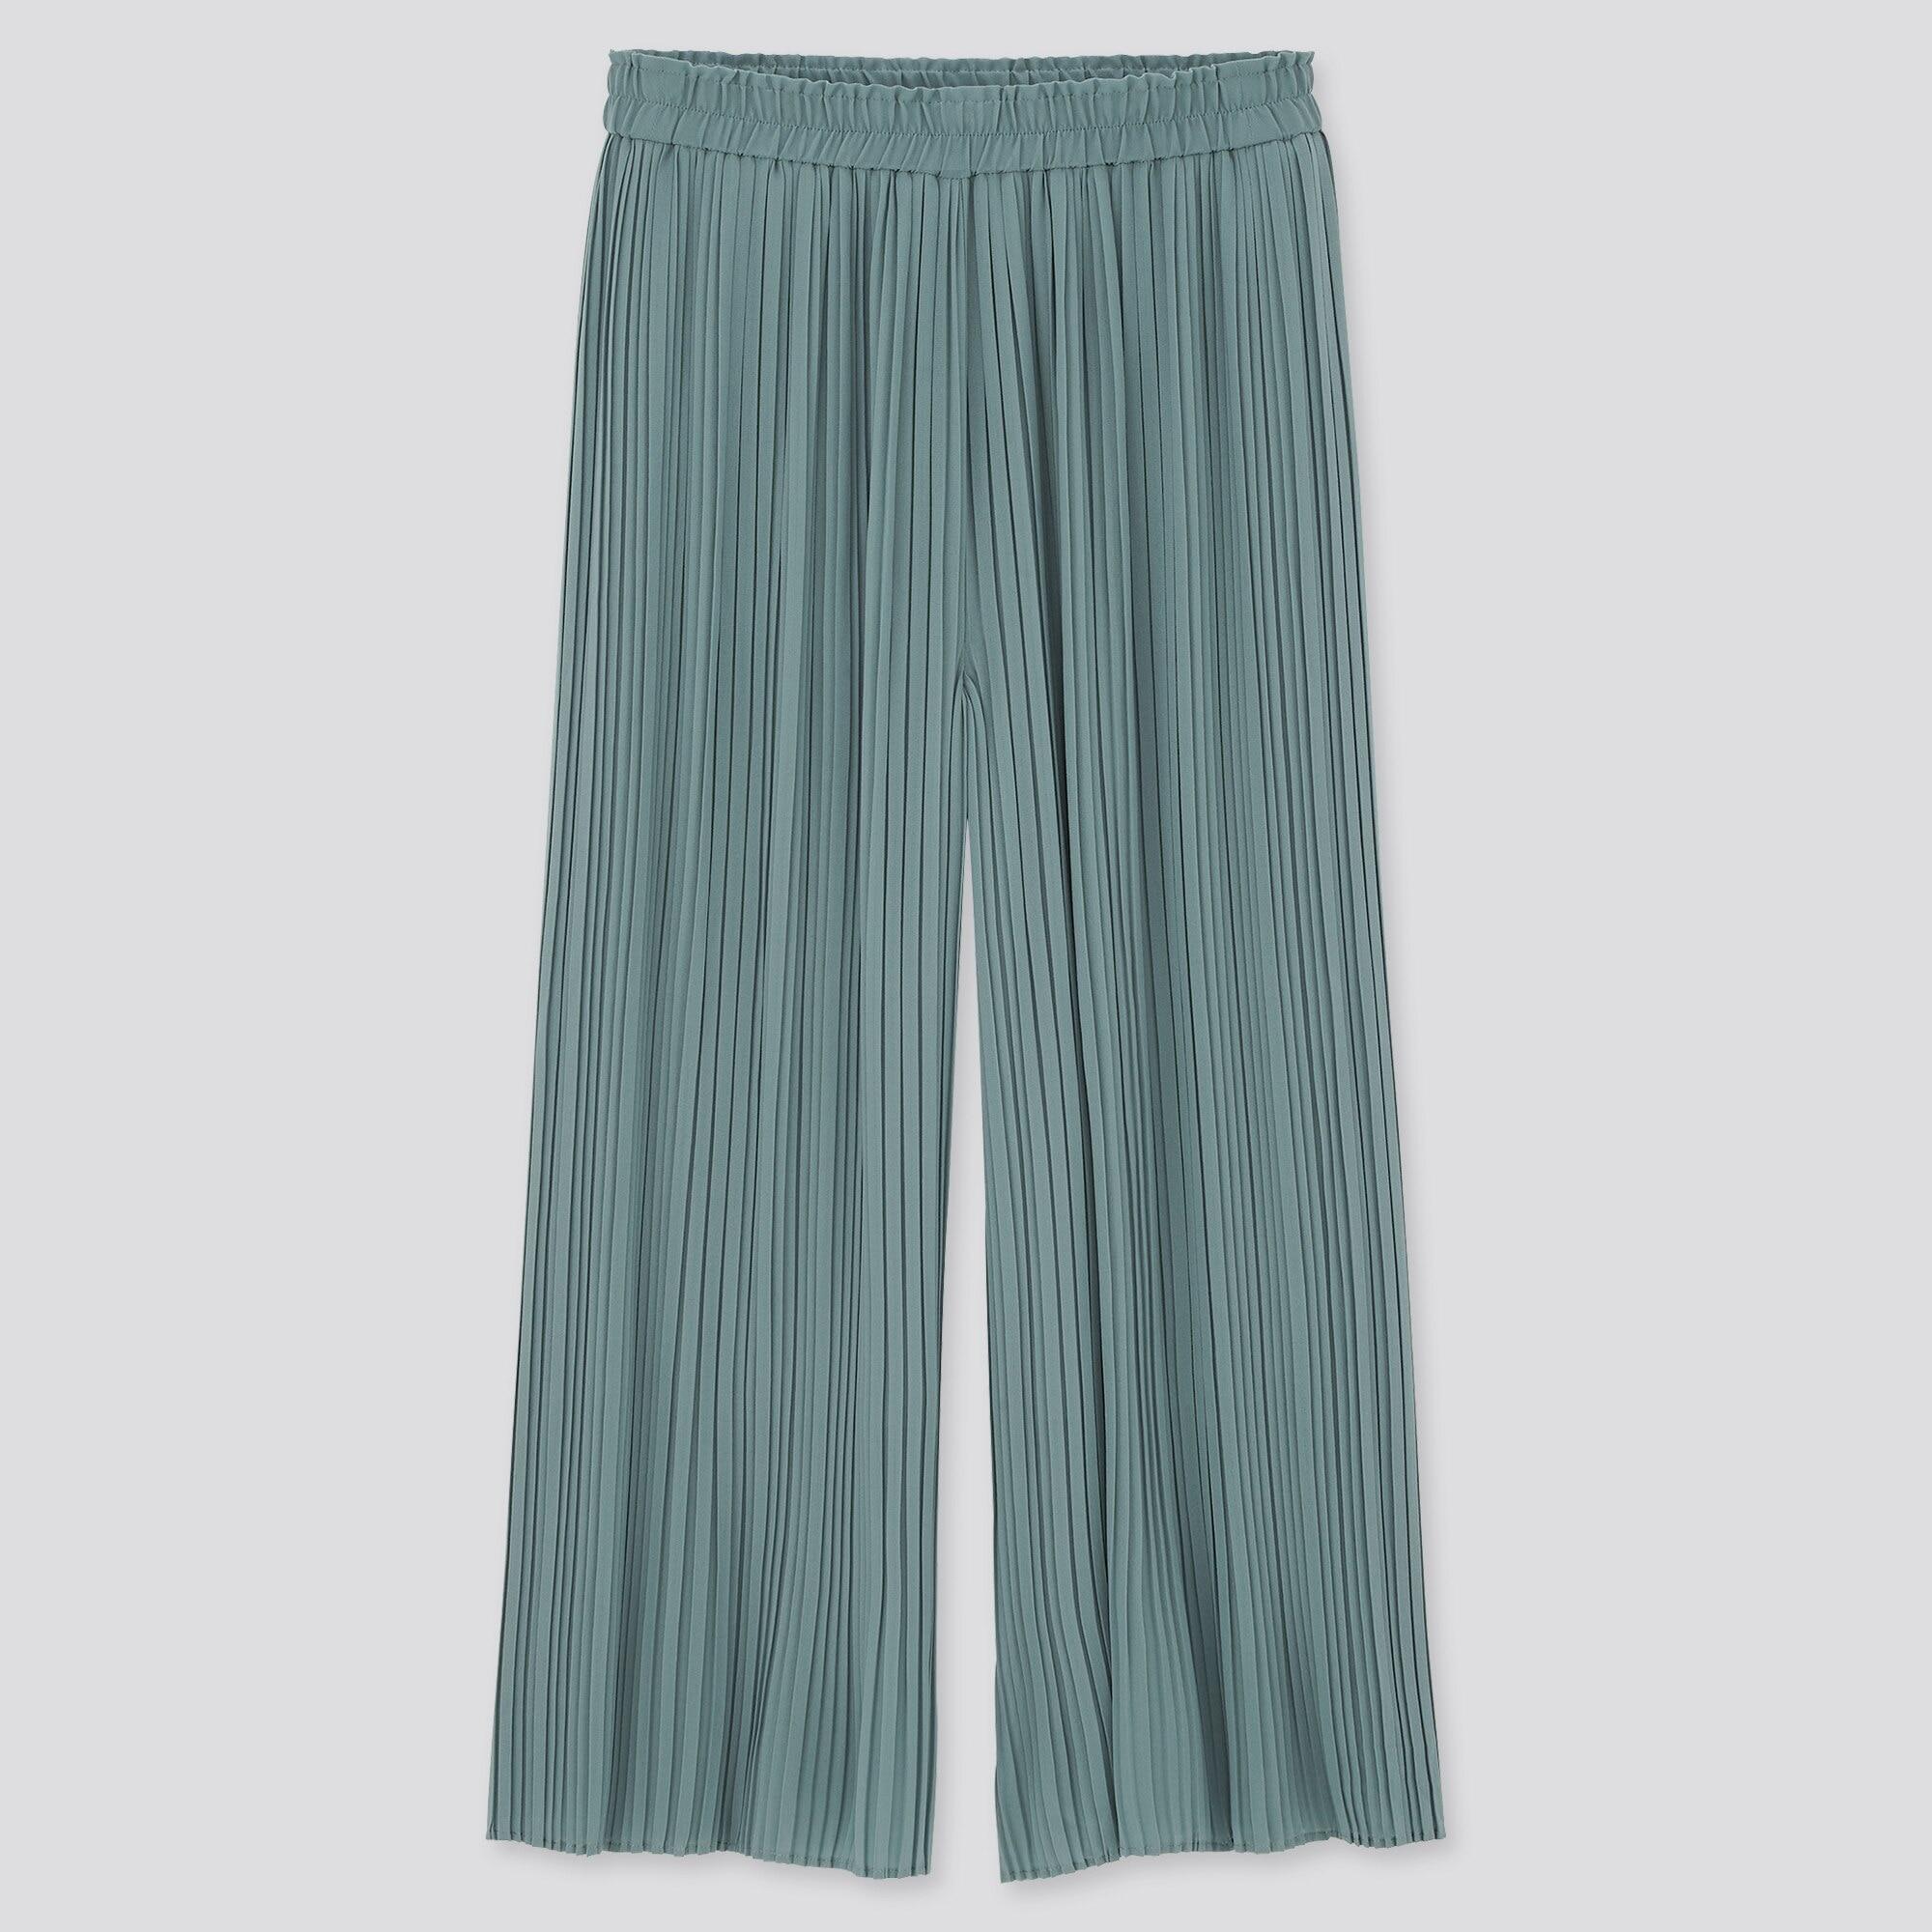 シフォンプリーツスカートパンツ